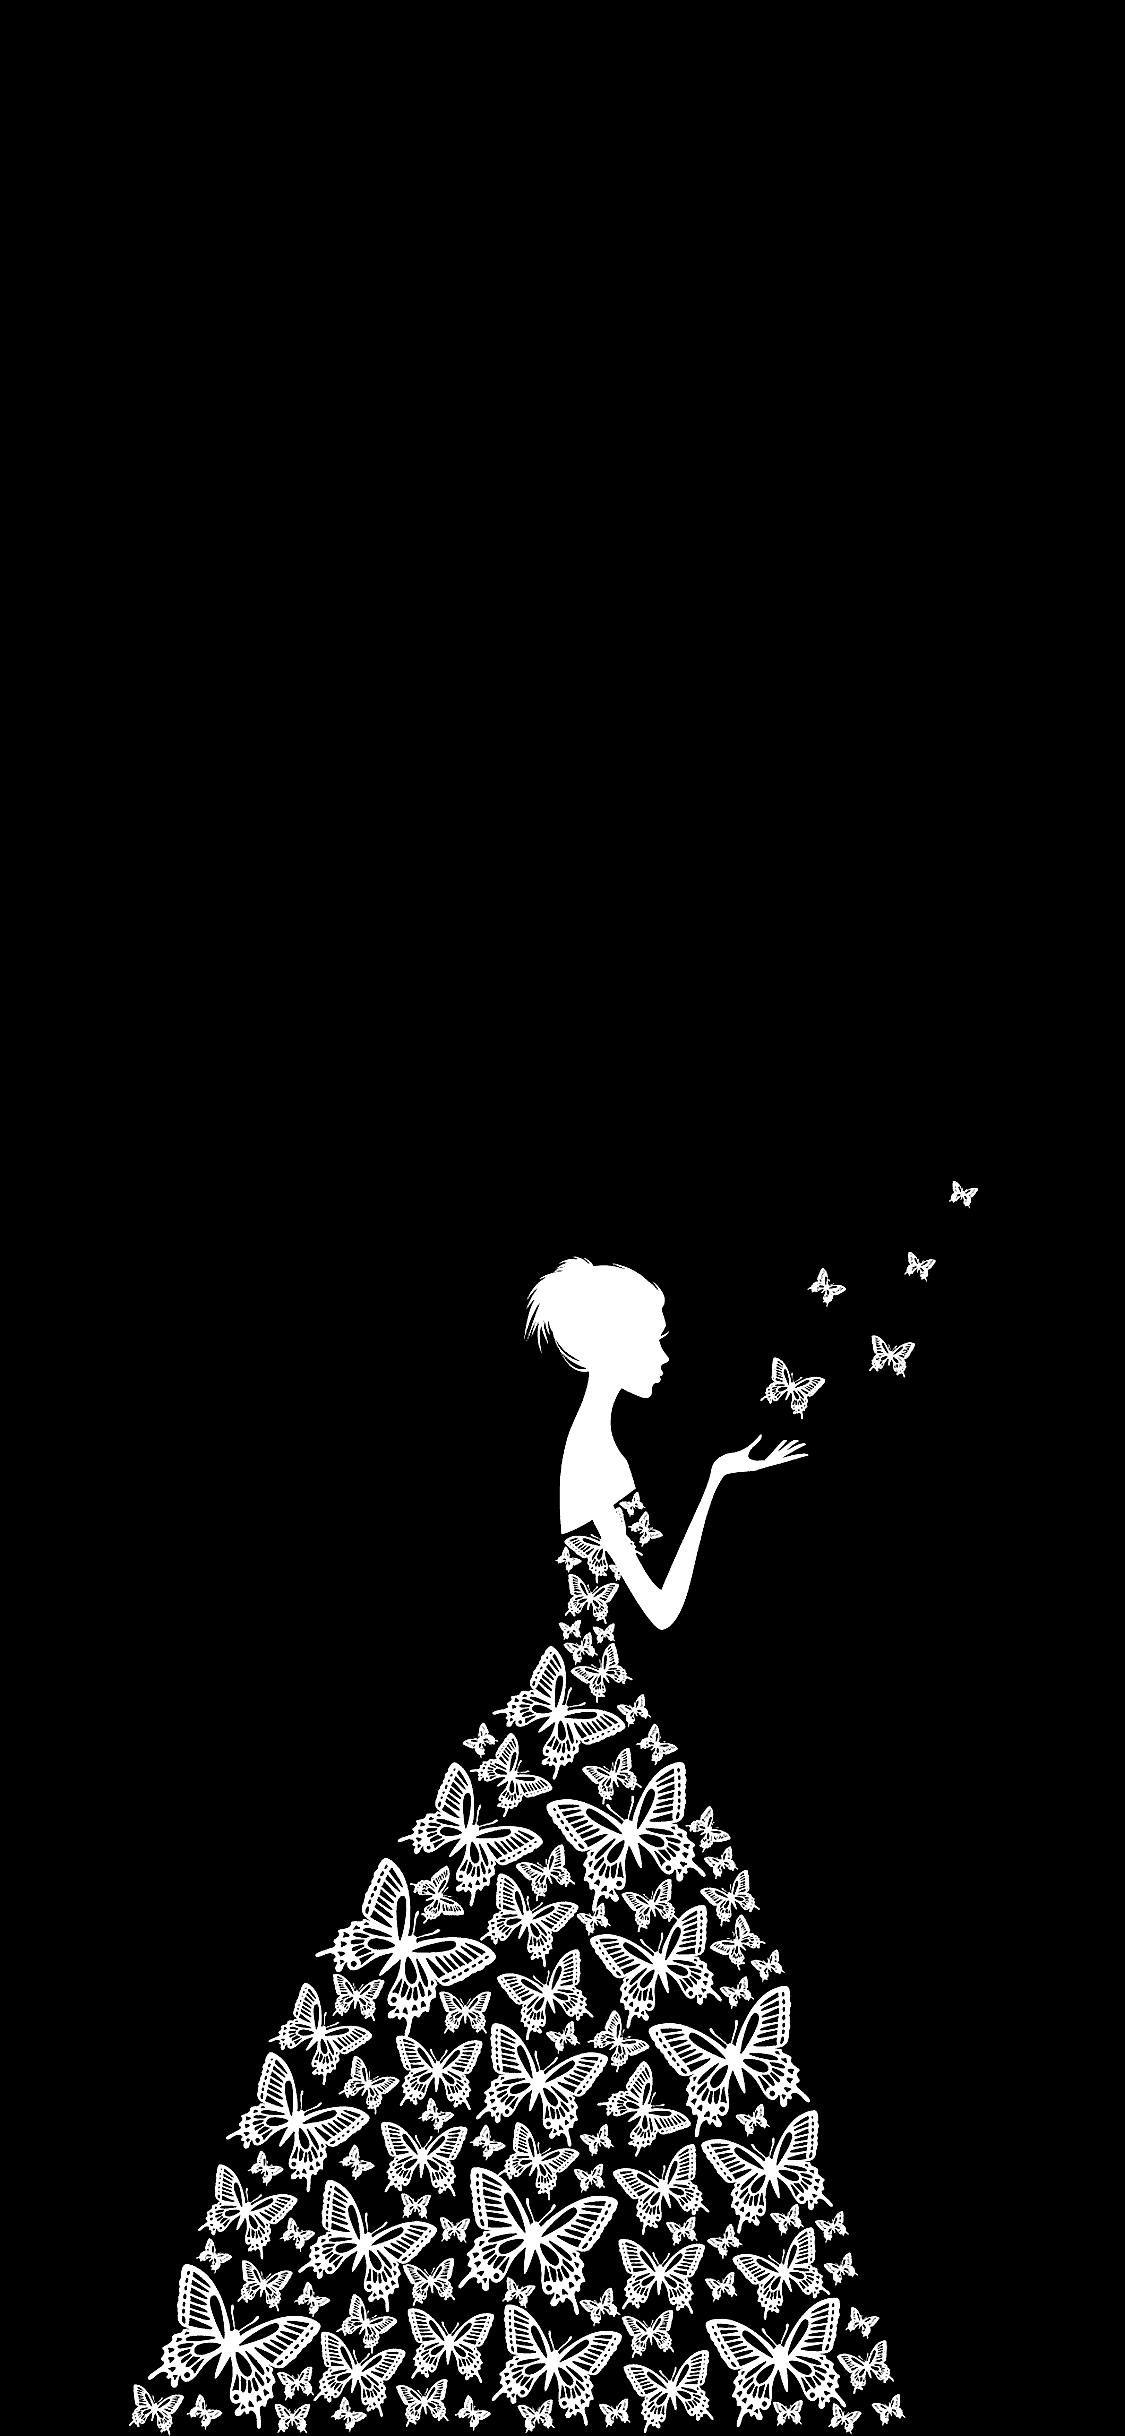 Butterfly Dress Iphone X Black Wallpaper In 2020 Cute Black Wallpaper Disney Phone Wallpaper Black Wallpaper